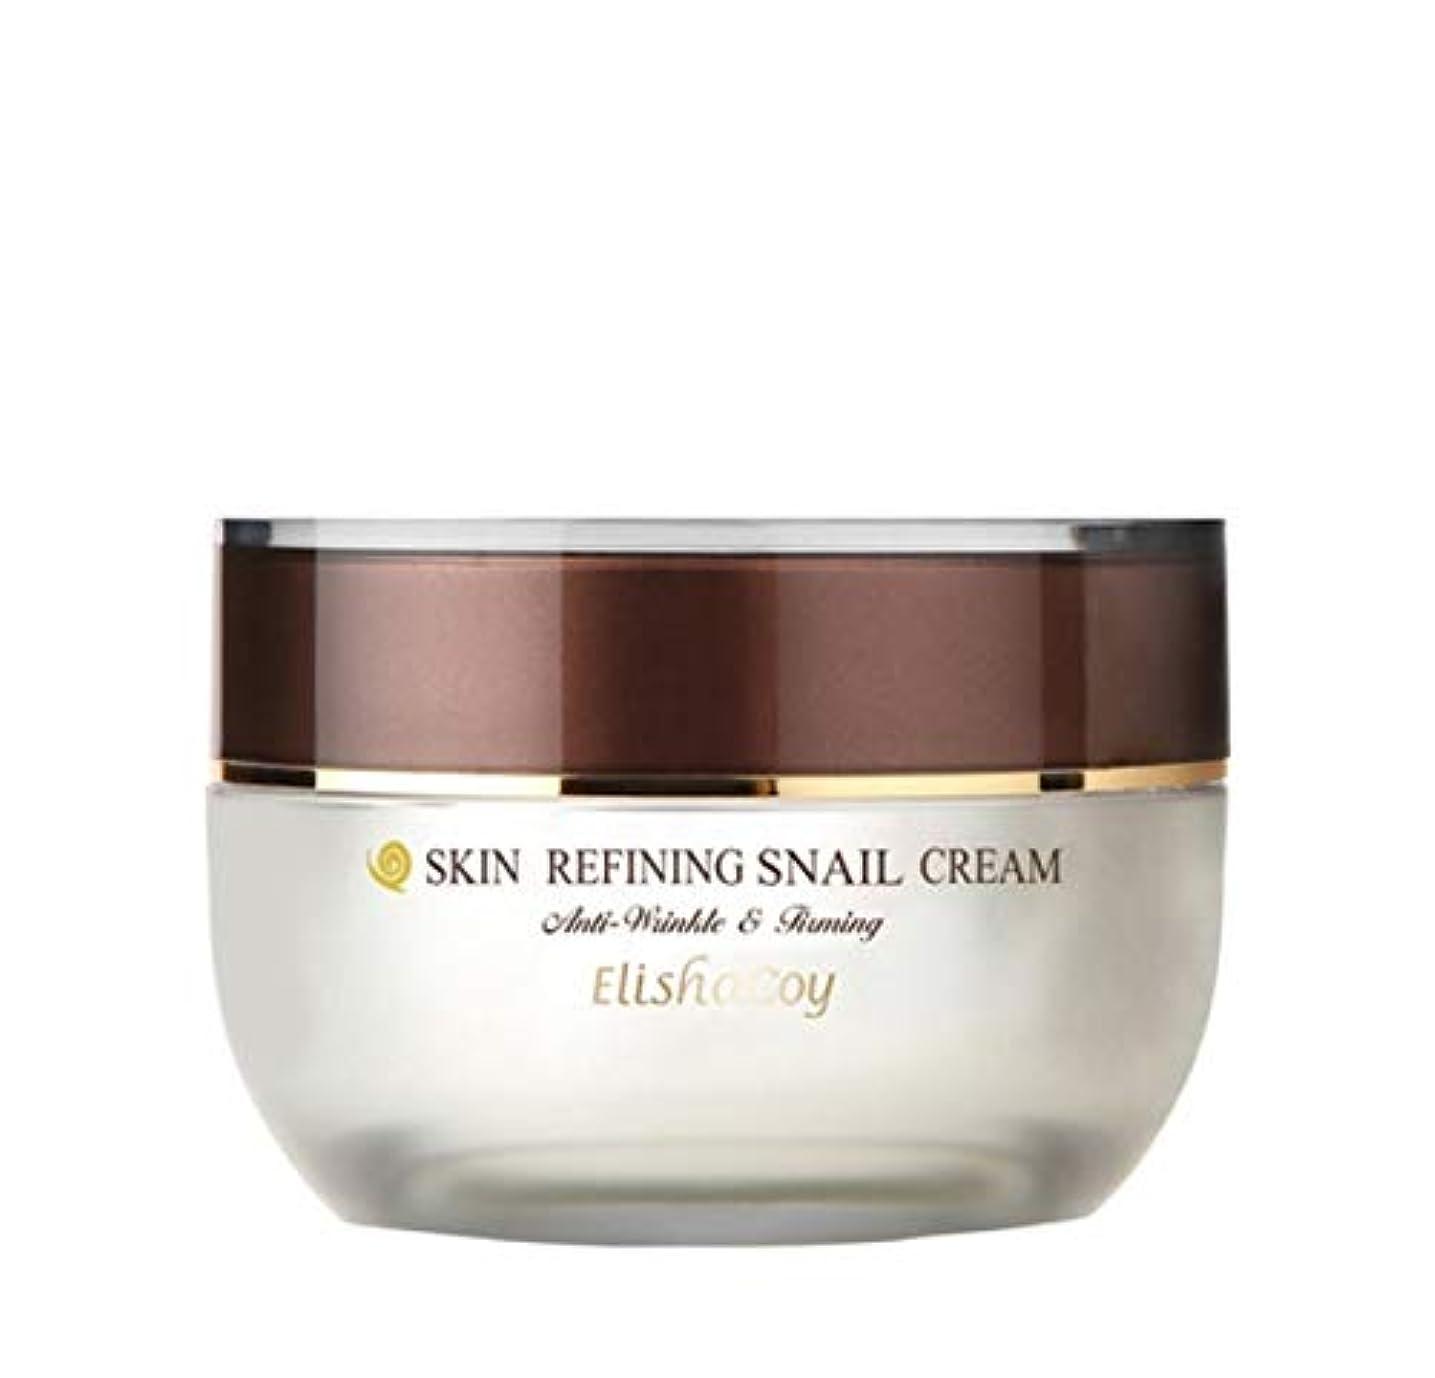 震えるテレビを見るリースエリシャコイ Elishacoy SKIN REFINING SNAIL 韓国の人気水分クリーム CREAM 50g 保湿最強 Korean Beauty Womens Cosmetics Skin Care